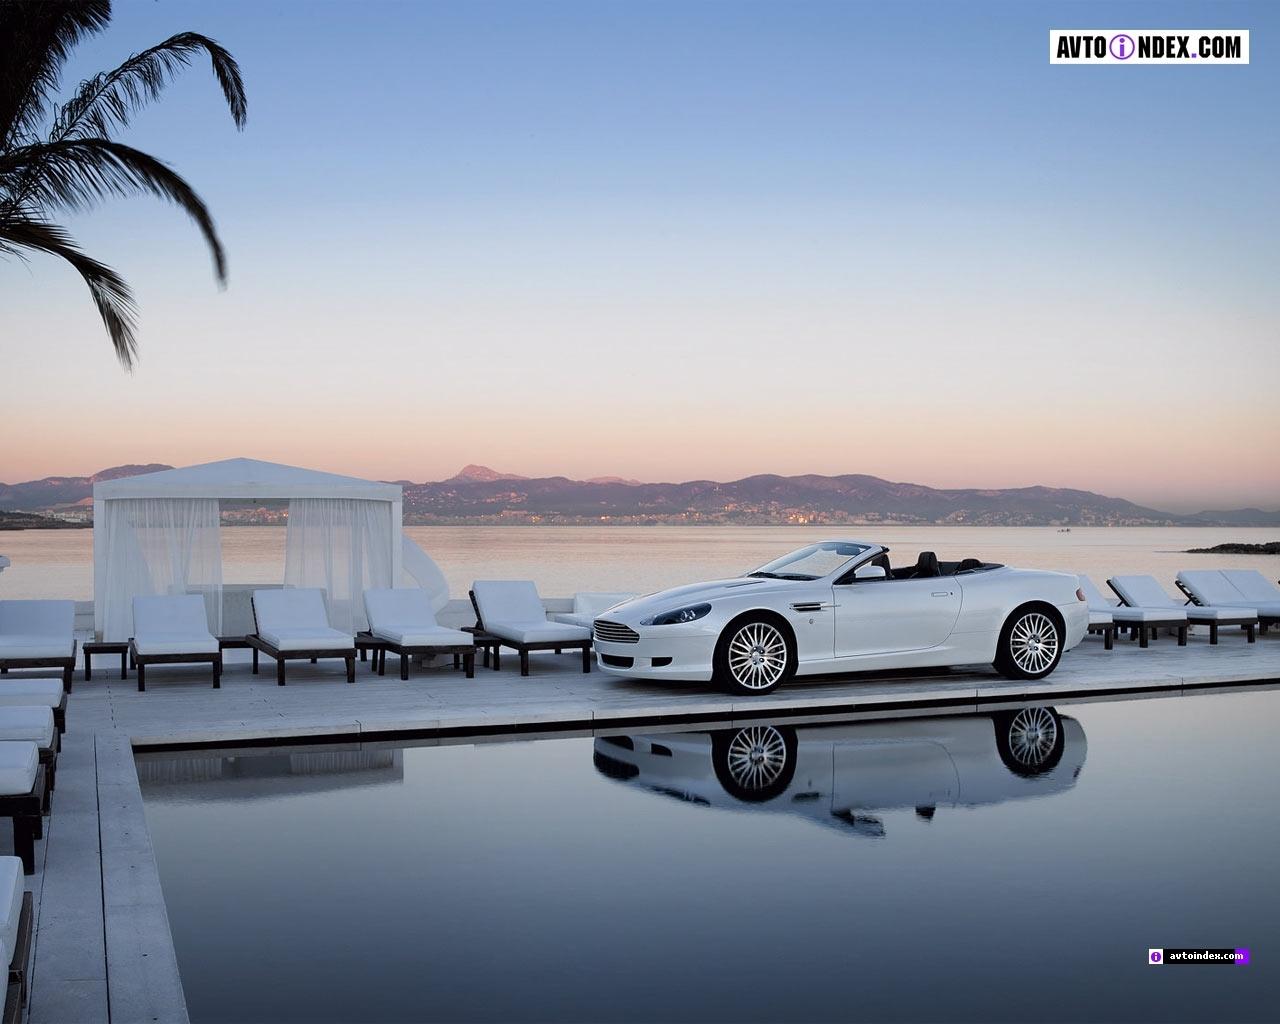 1423 скачать обои Транспорт, Машины, Астон Мартин (Aston Martin) - заставки и картинки бесплатно